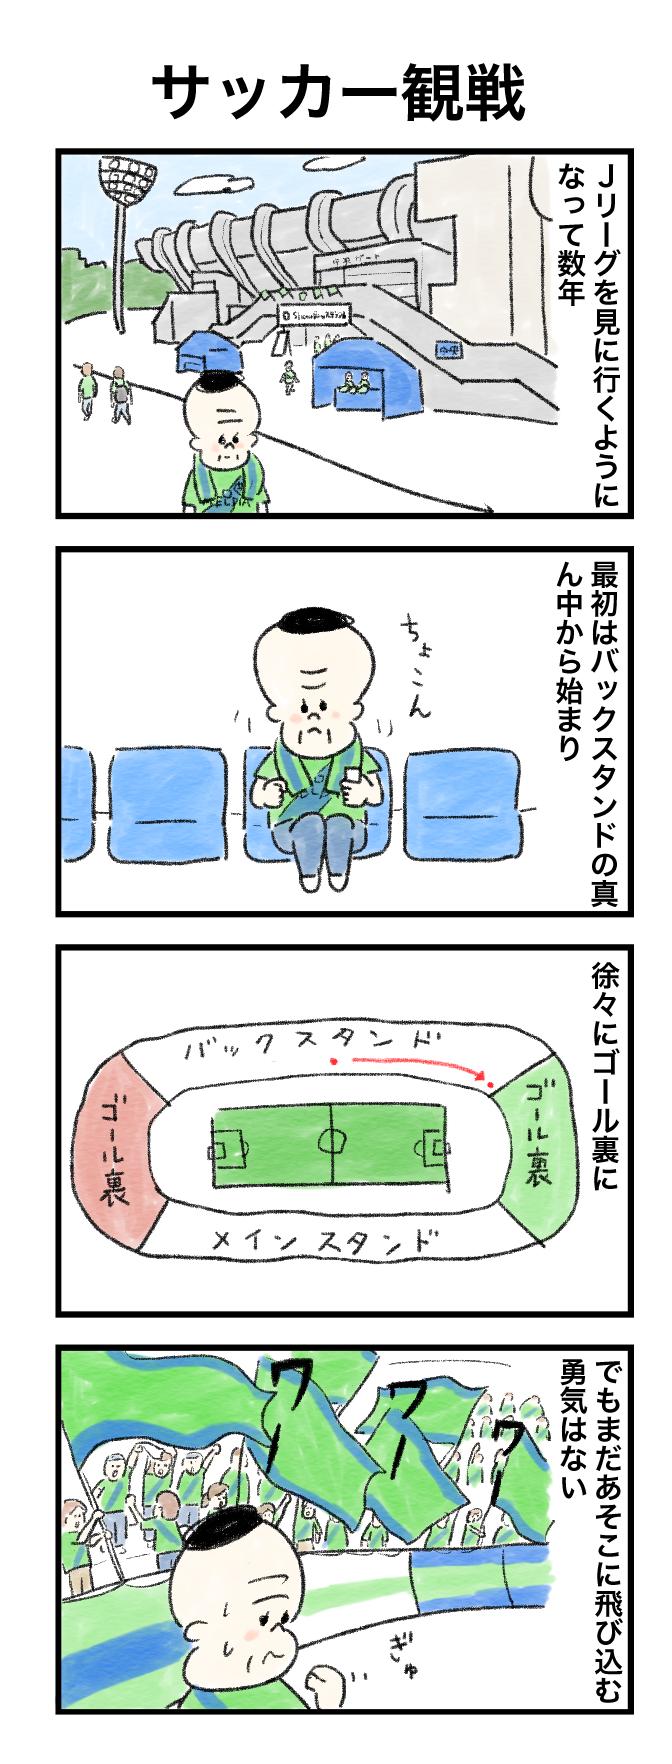 今日の泉谷さん【25】 作:カワサキヒロシ(ごとお日漫画)